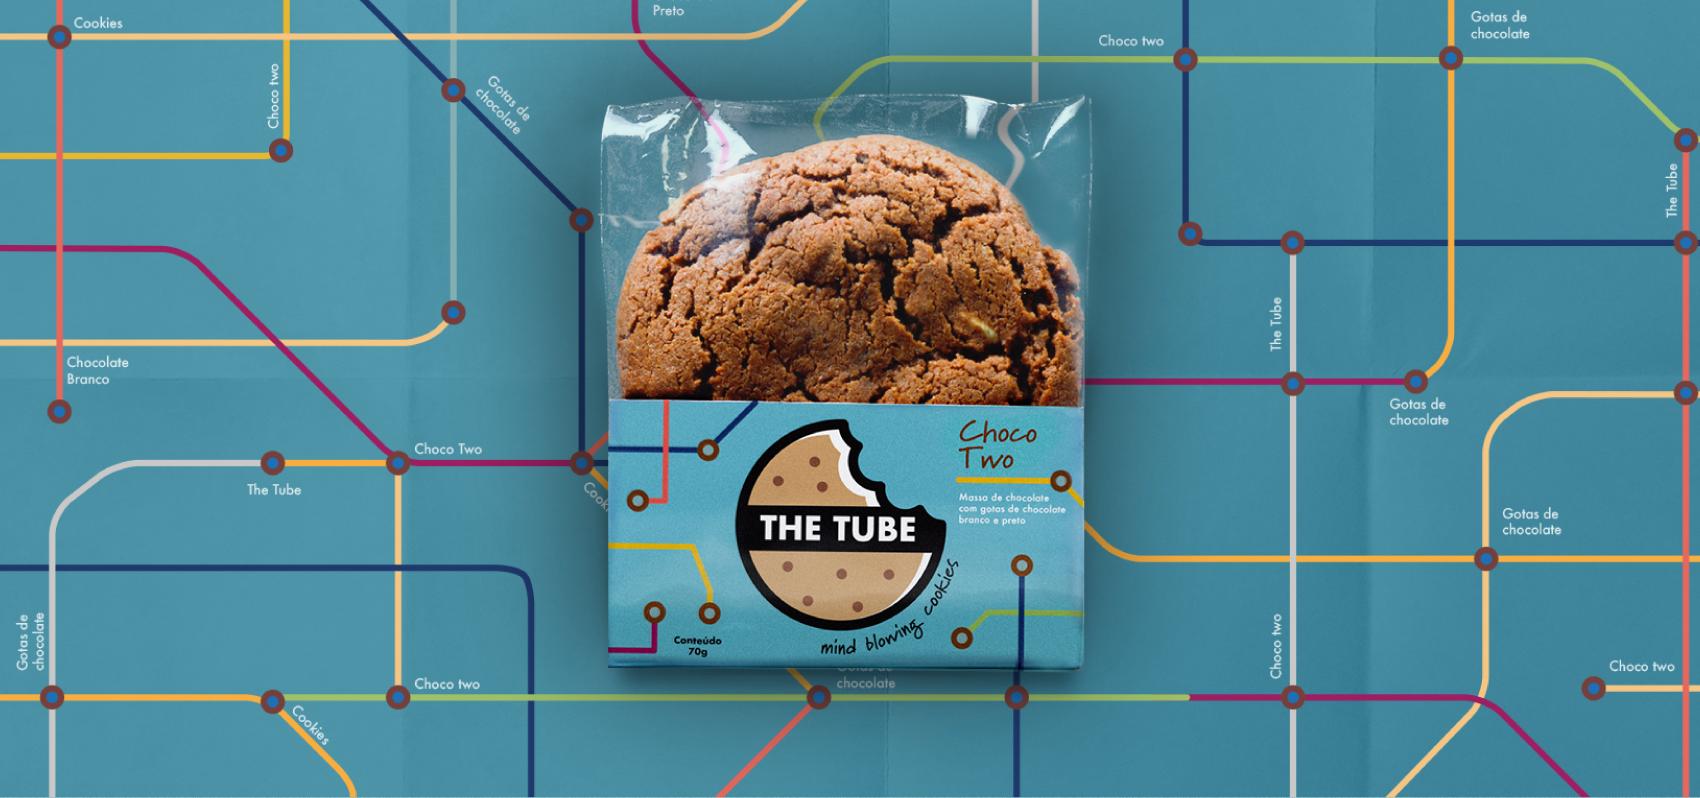 Abio - Embalagem The Tube - The Tube